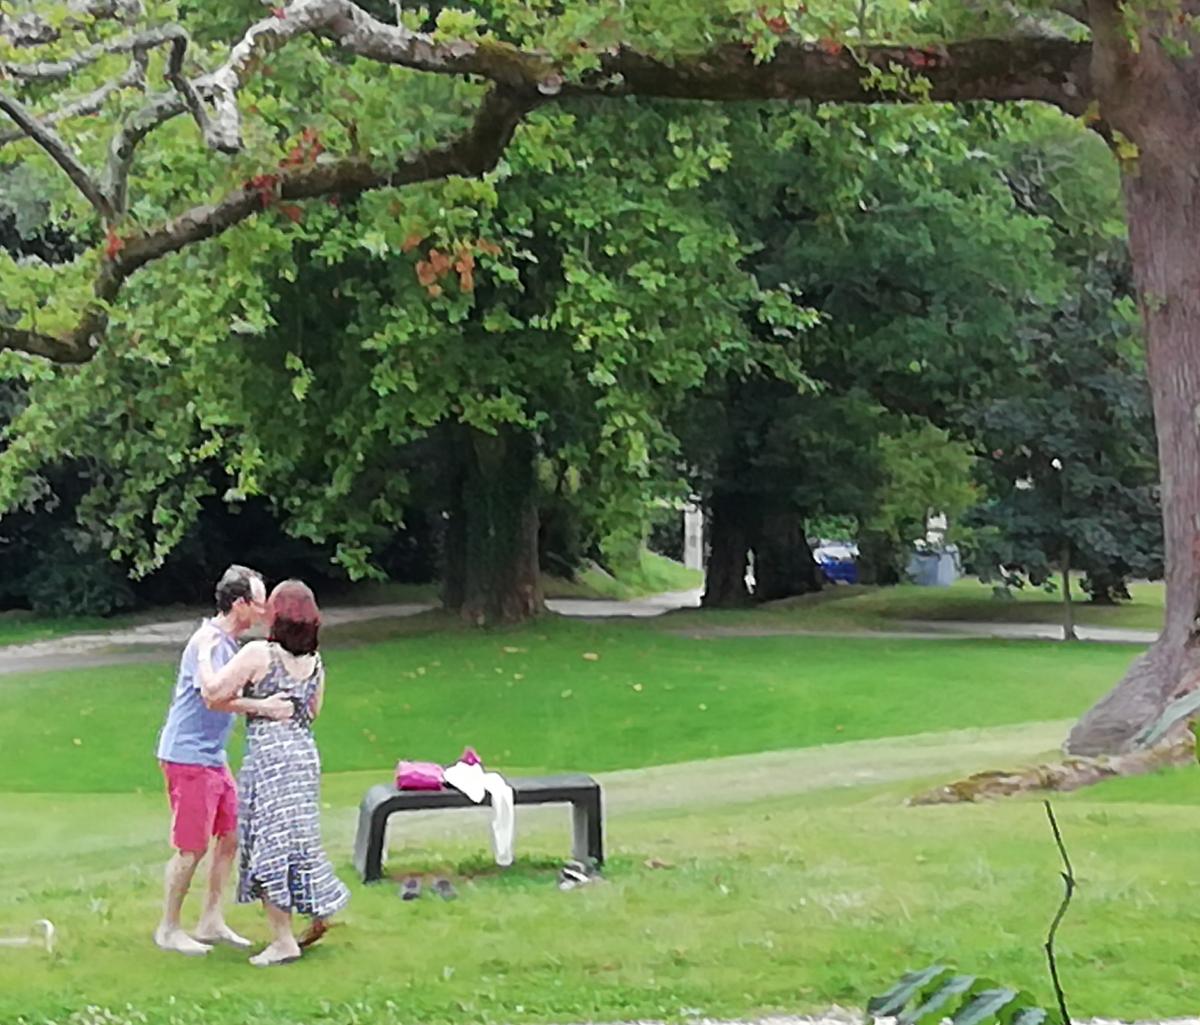 z... et dans le parc, un couple dansait à l'ombre du chêne tutélaire.jpg